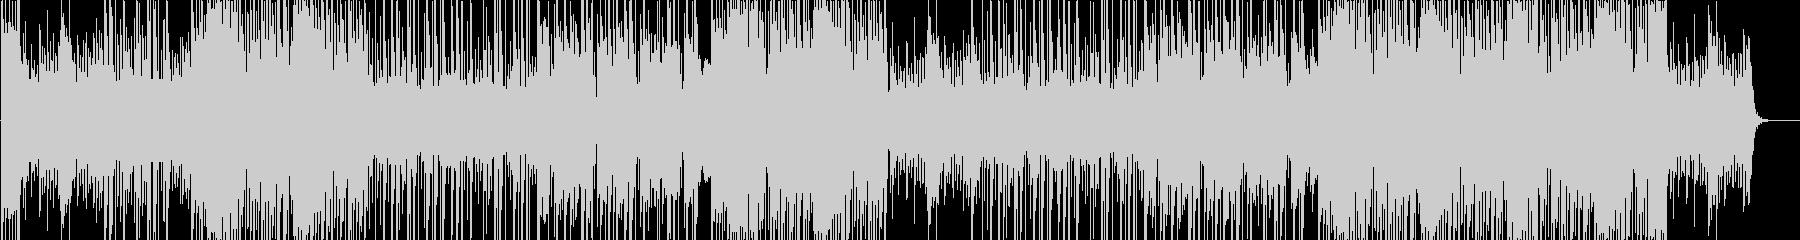 ディレイギターのシリアスなTRAPの未再生の波形